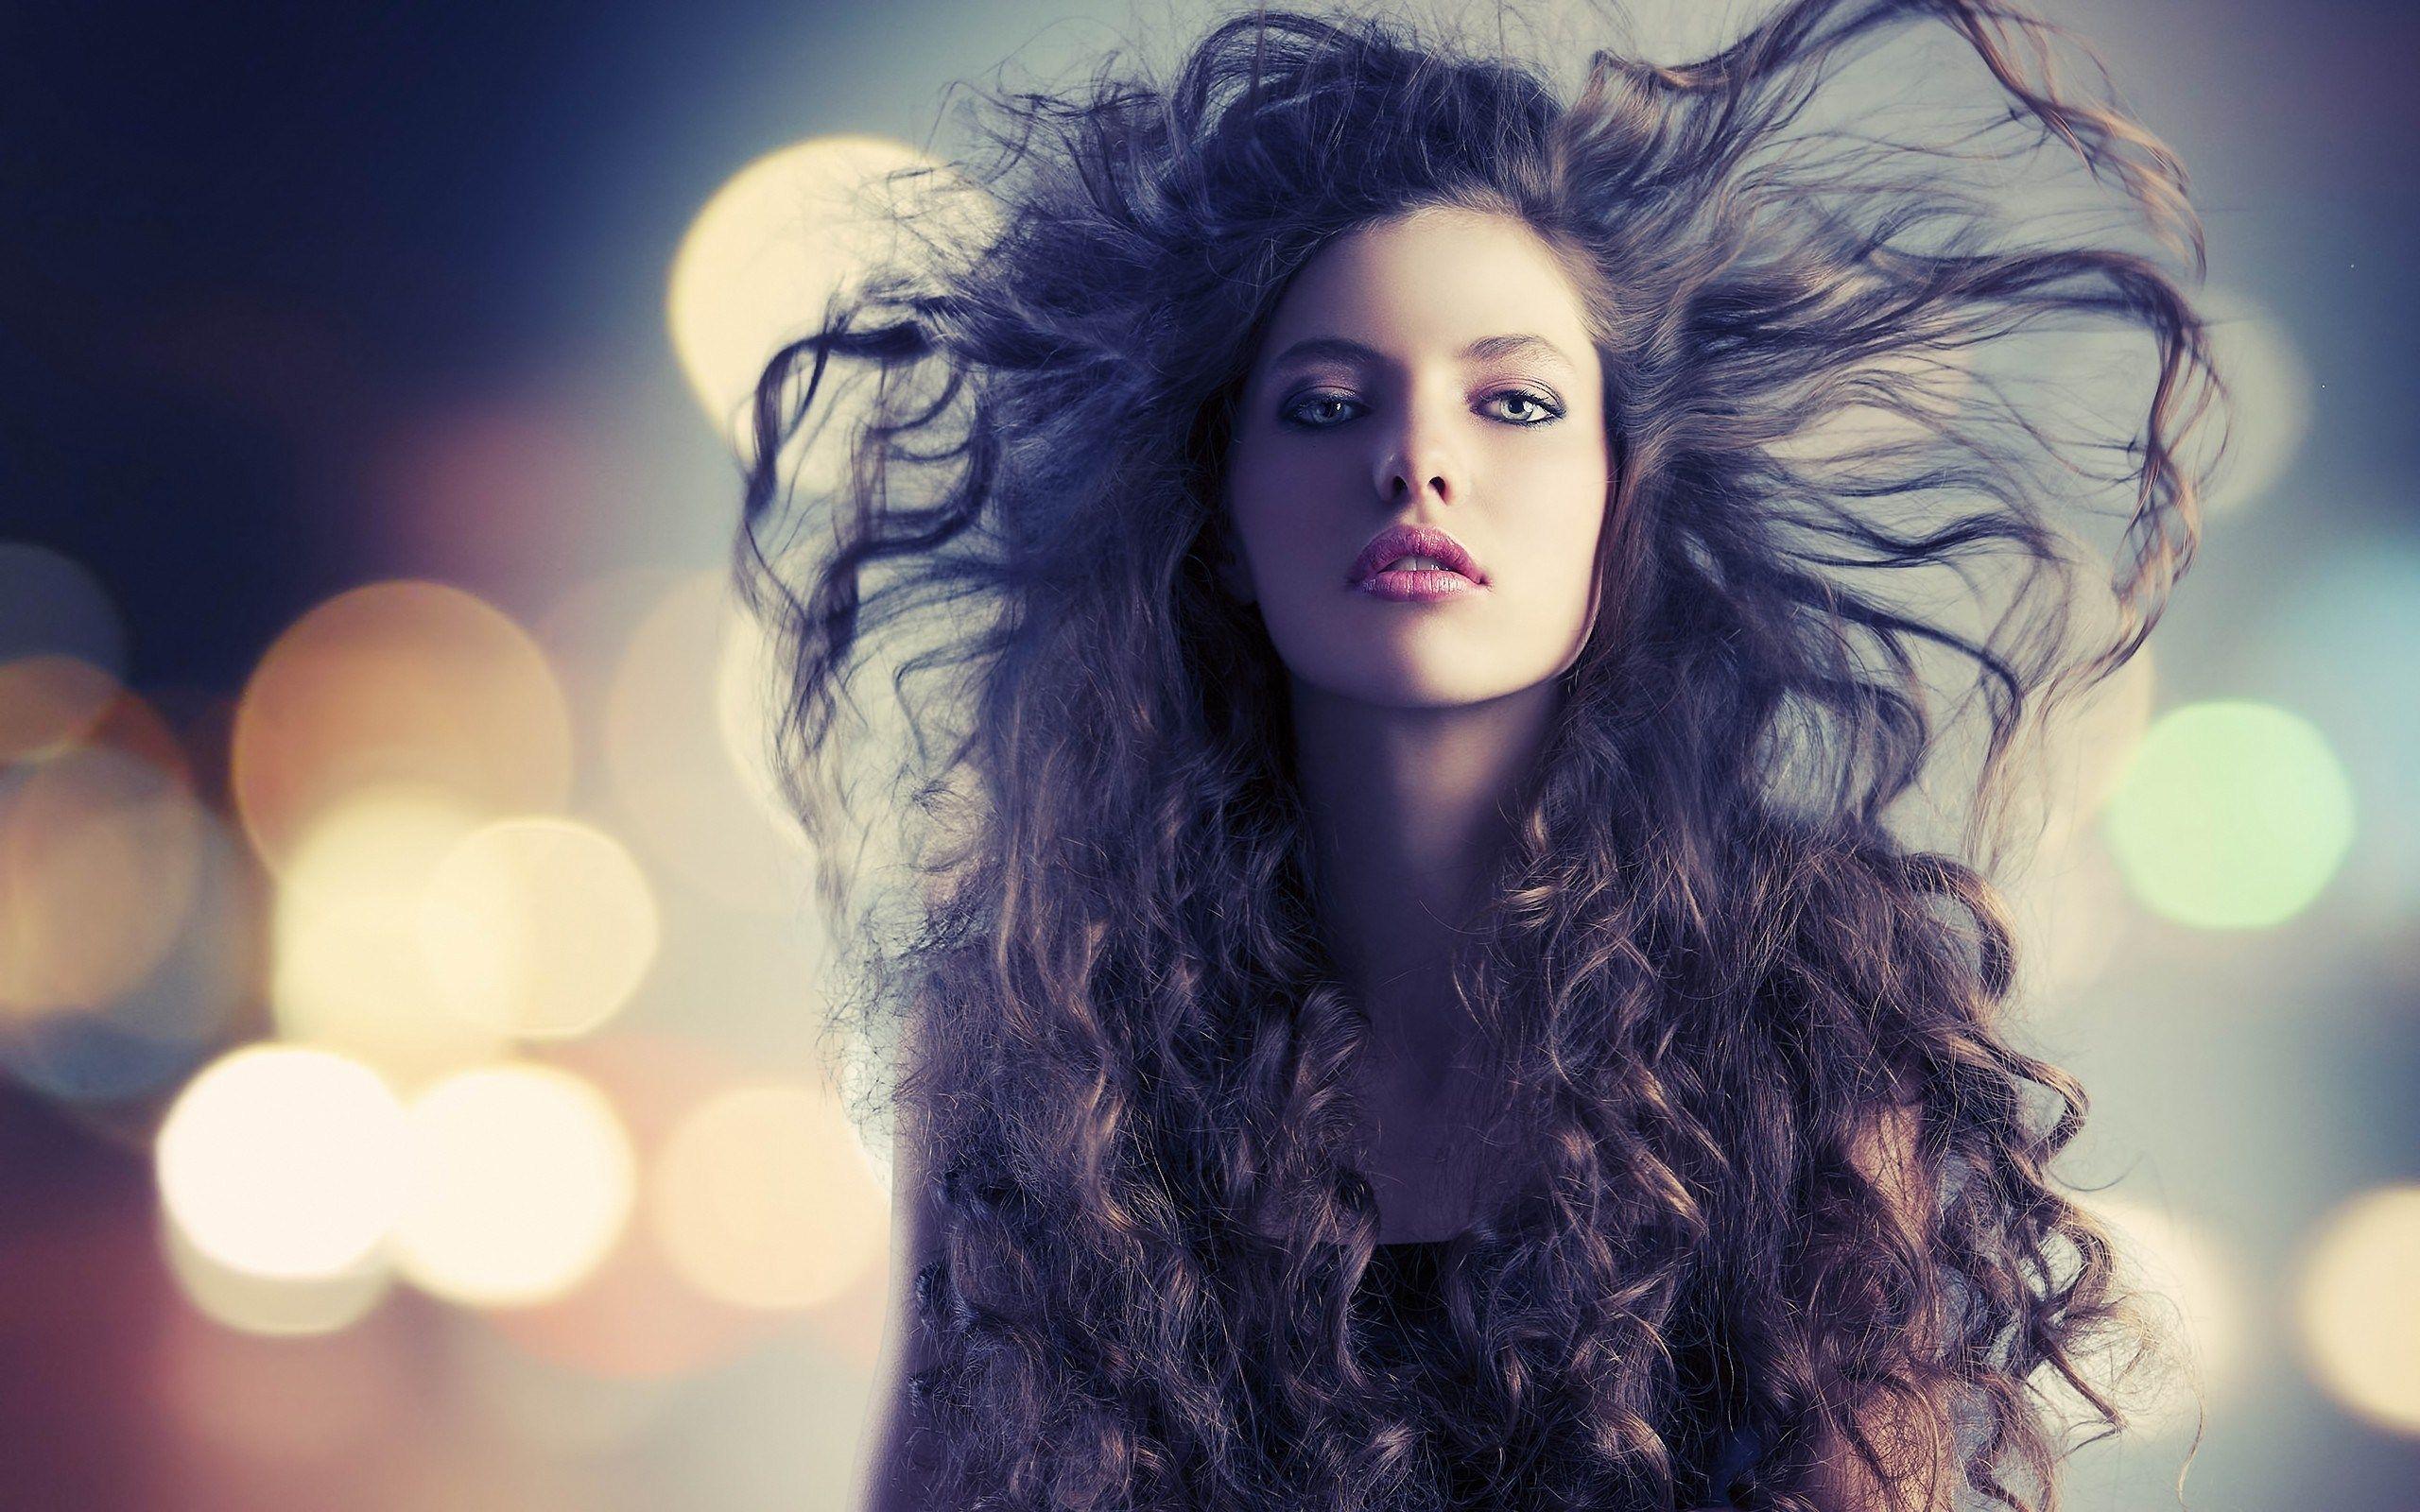 beautiful girl, fashion, models, bokeh lights, photo, hd wallpaper